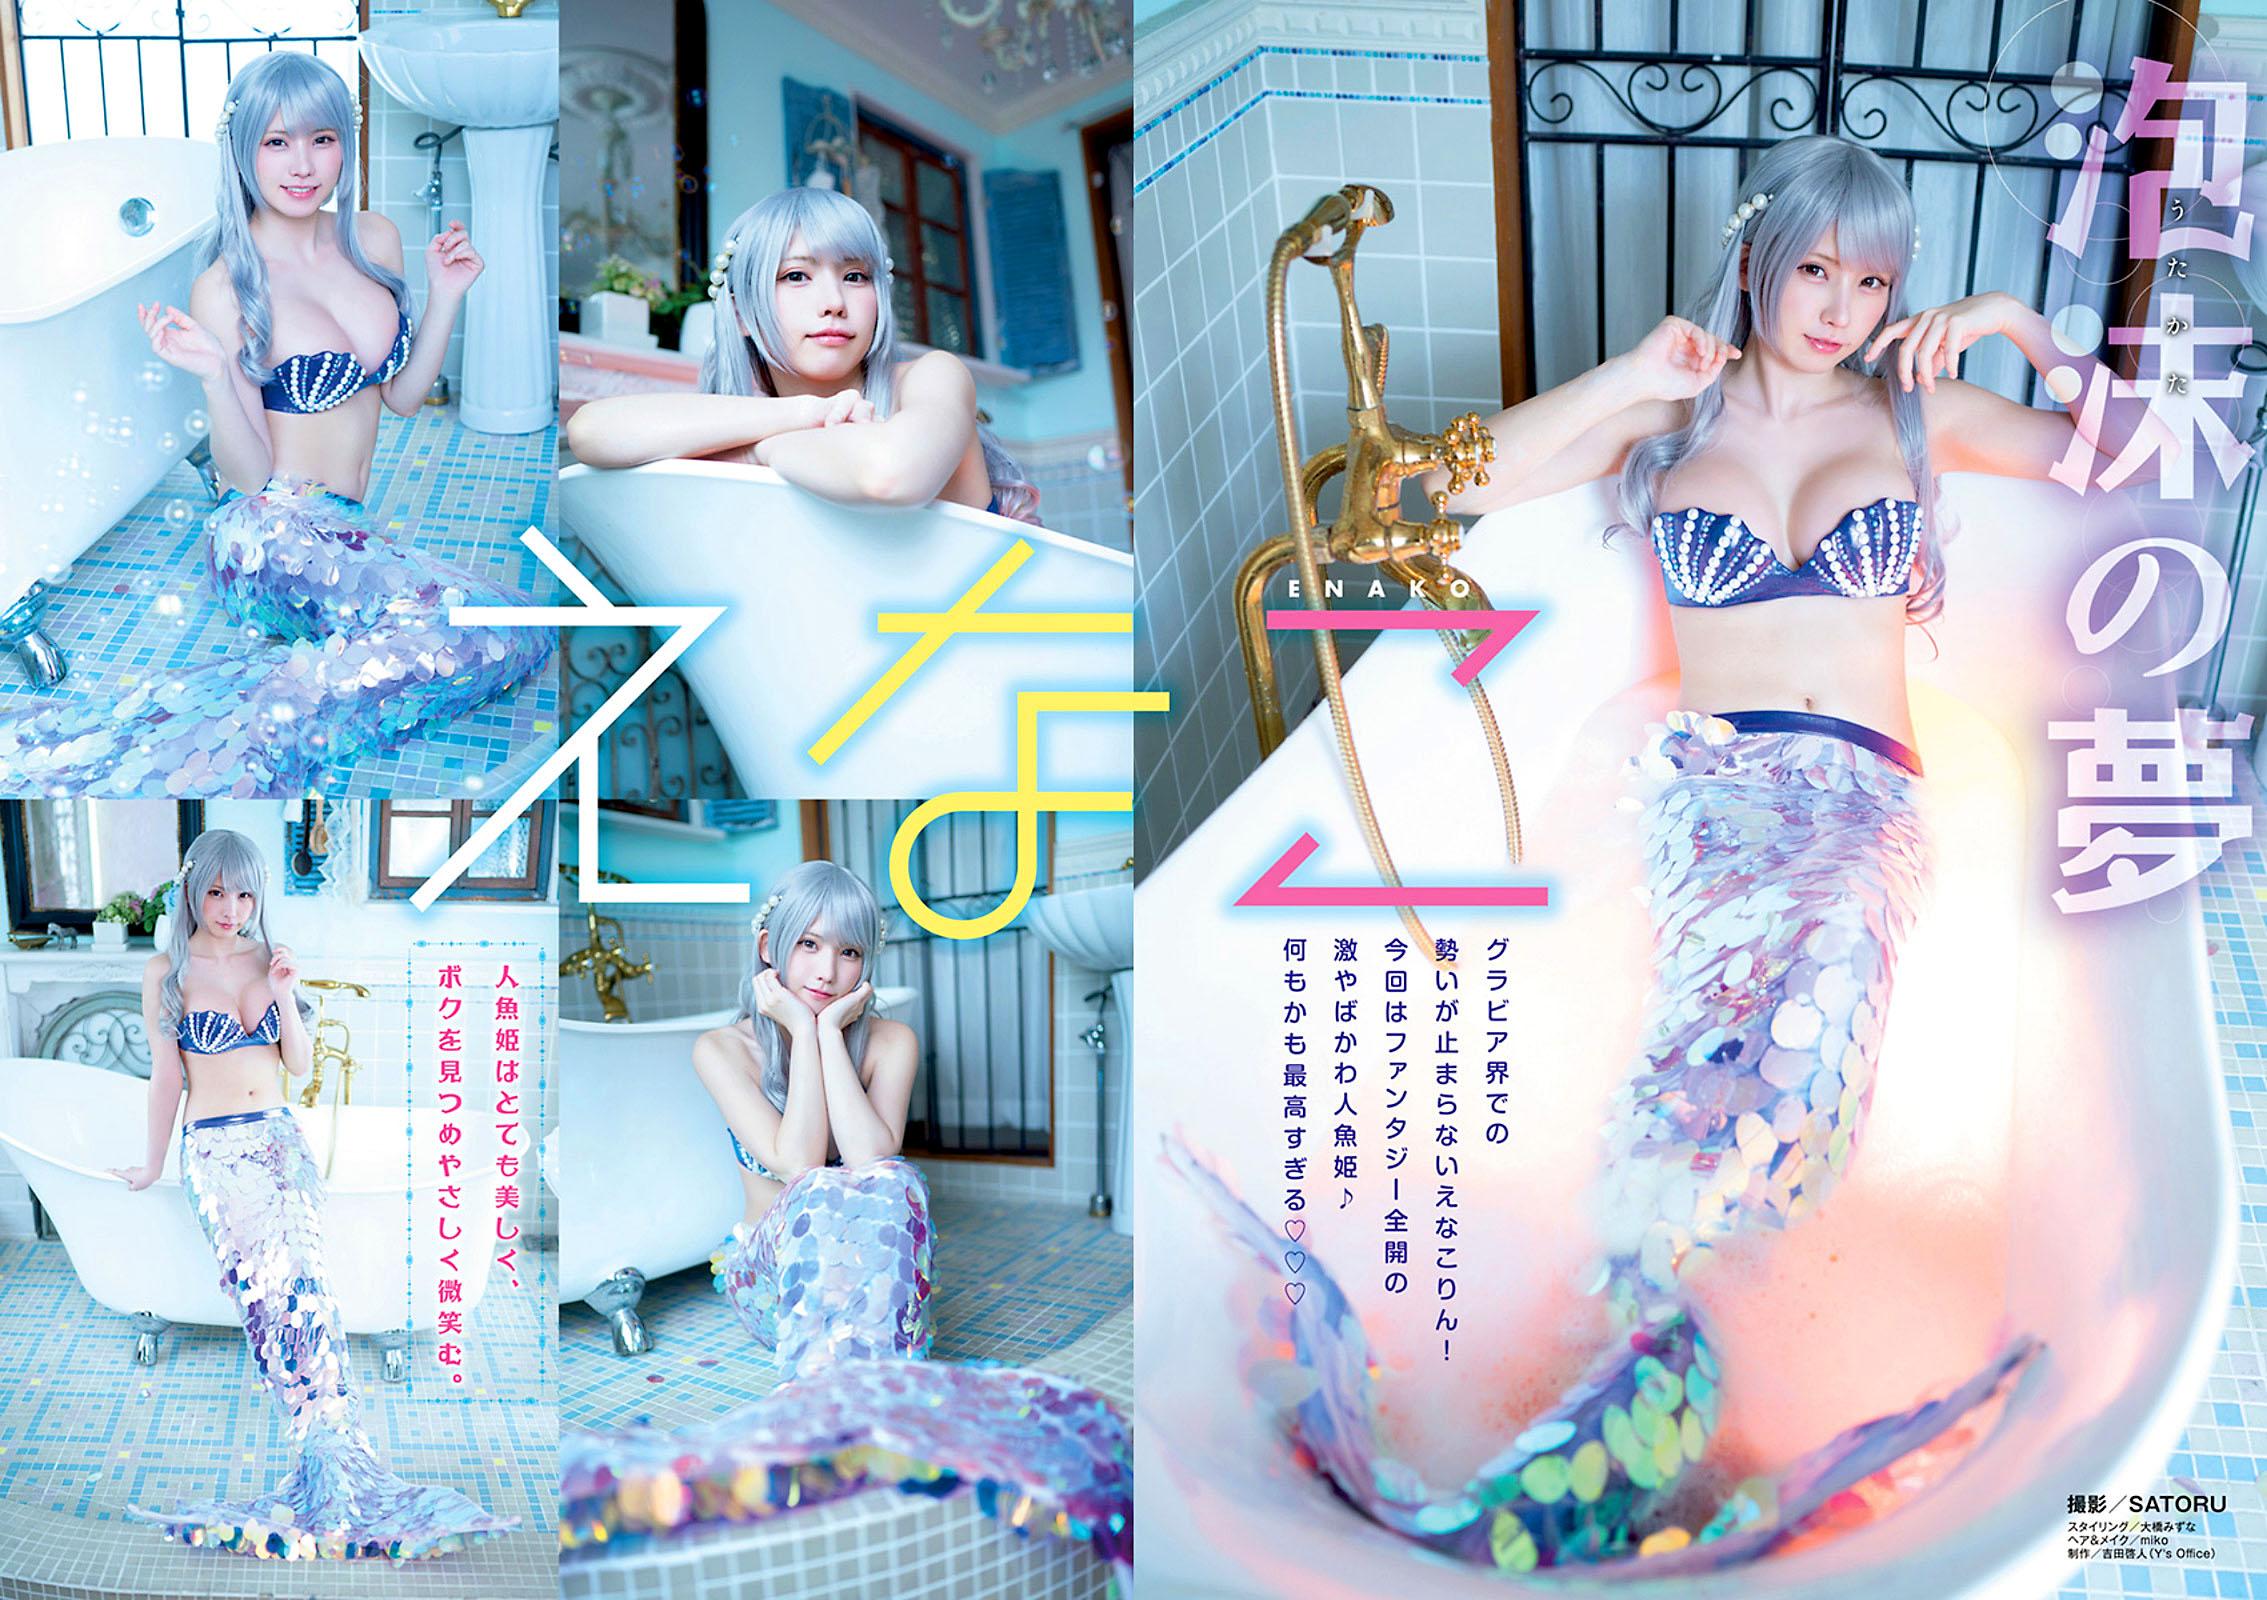 Enako Young Animal 210827 03.jpg